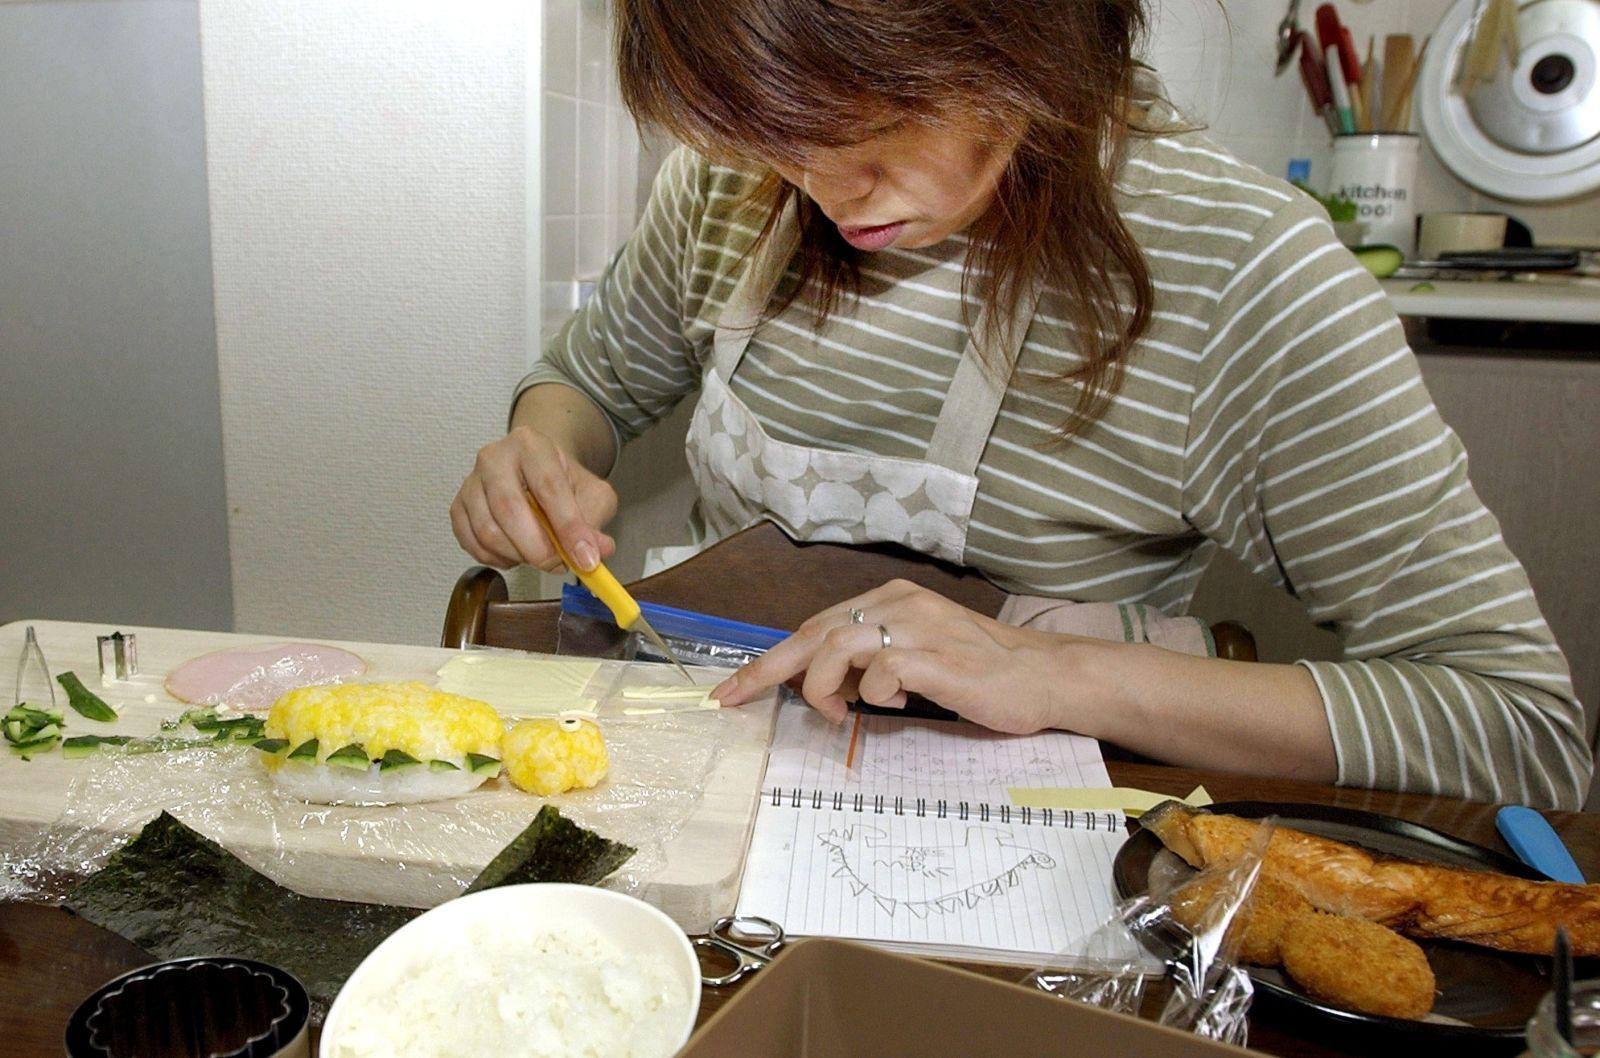 勞力短缺!日本速食店、超商大力招募家庭主婦